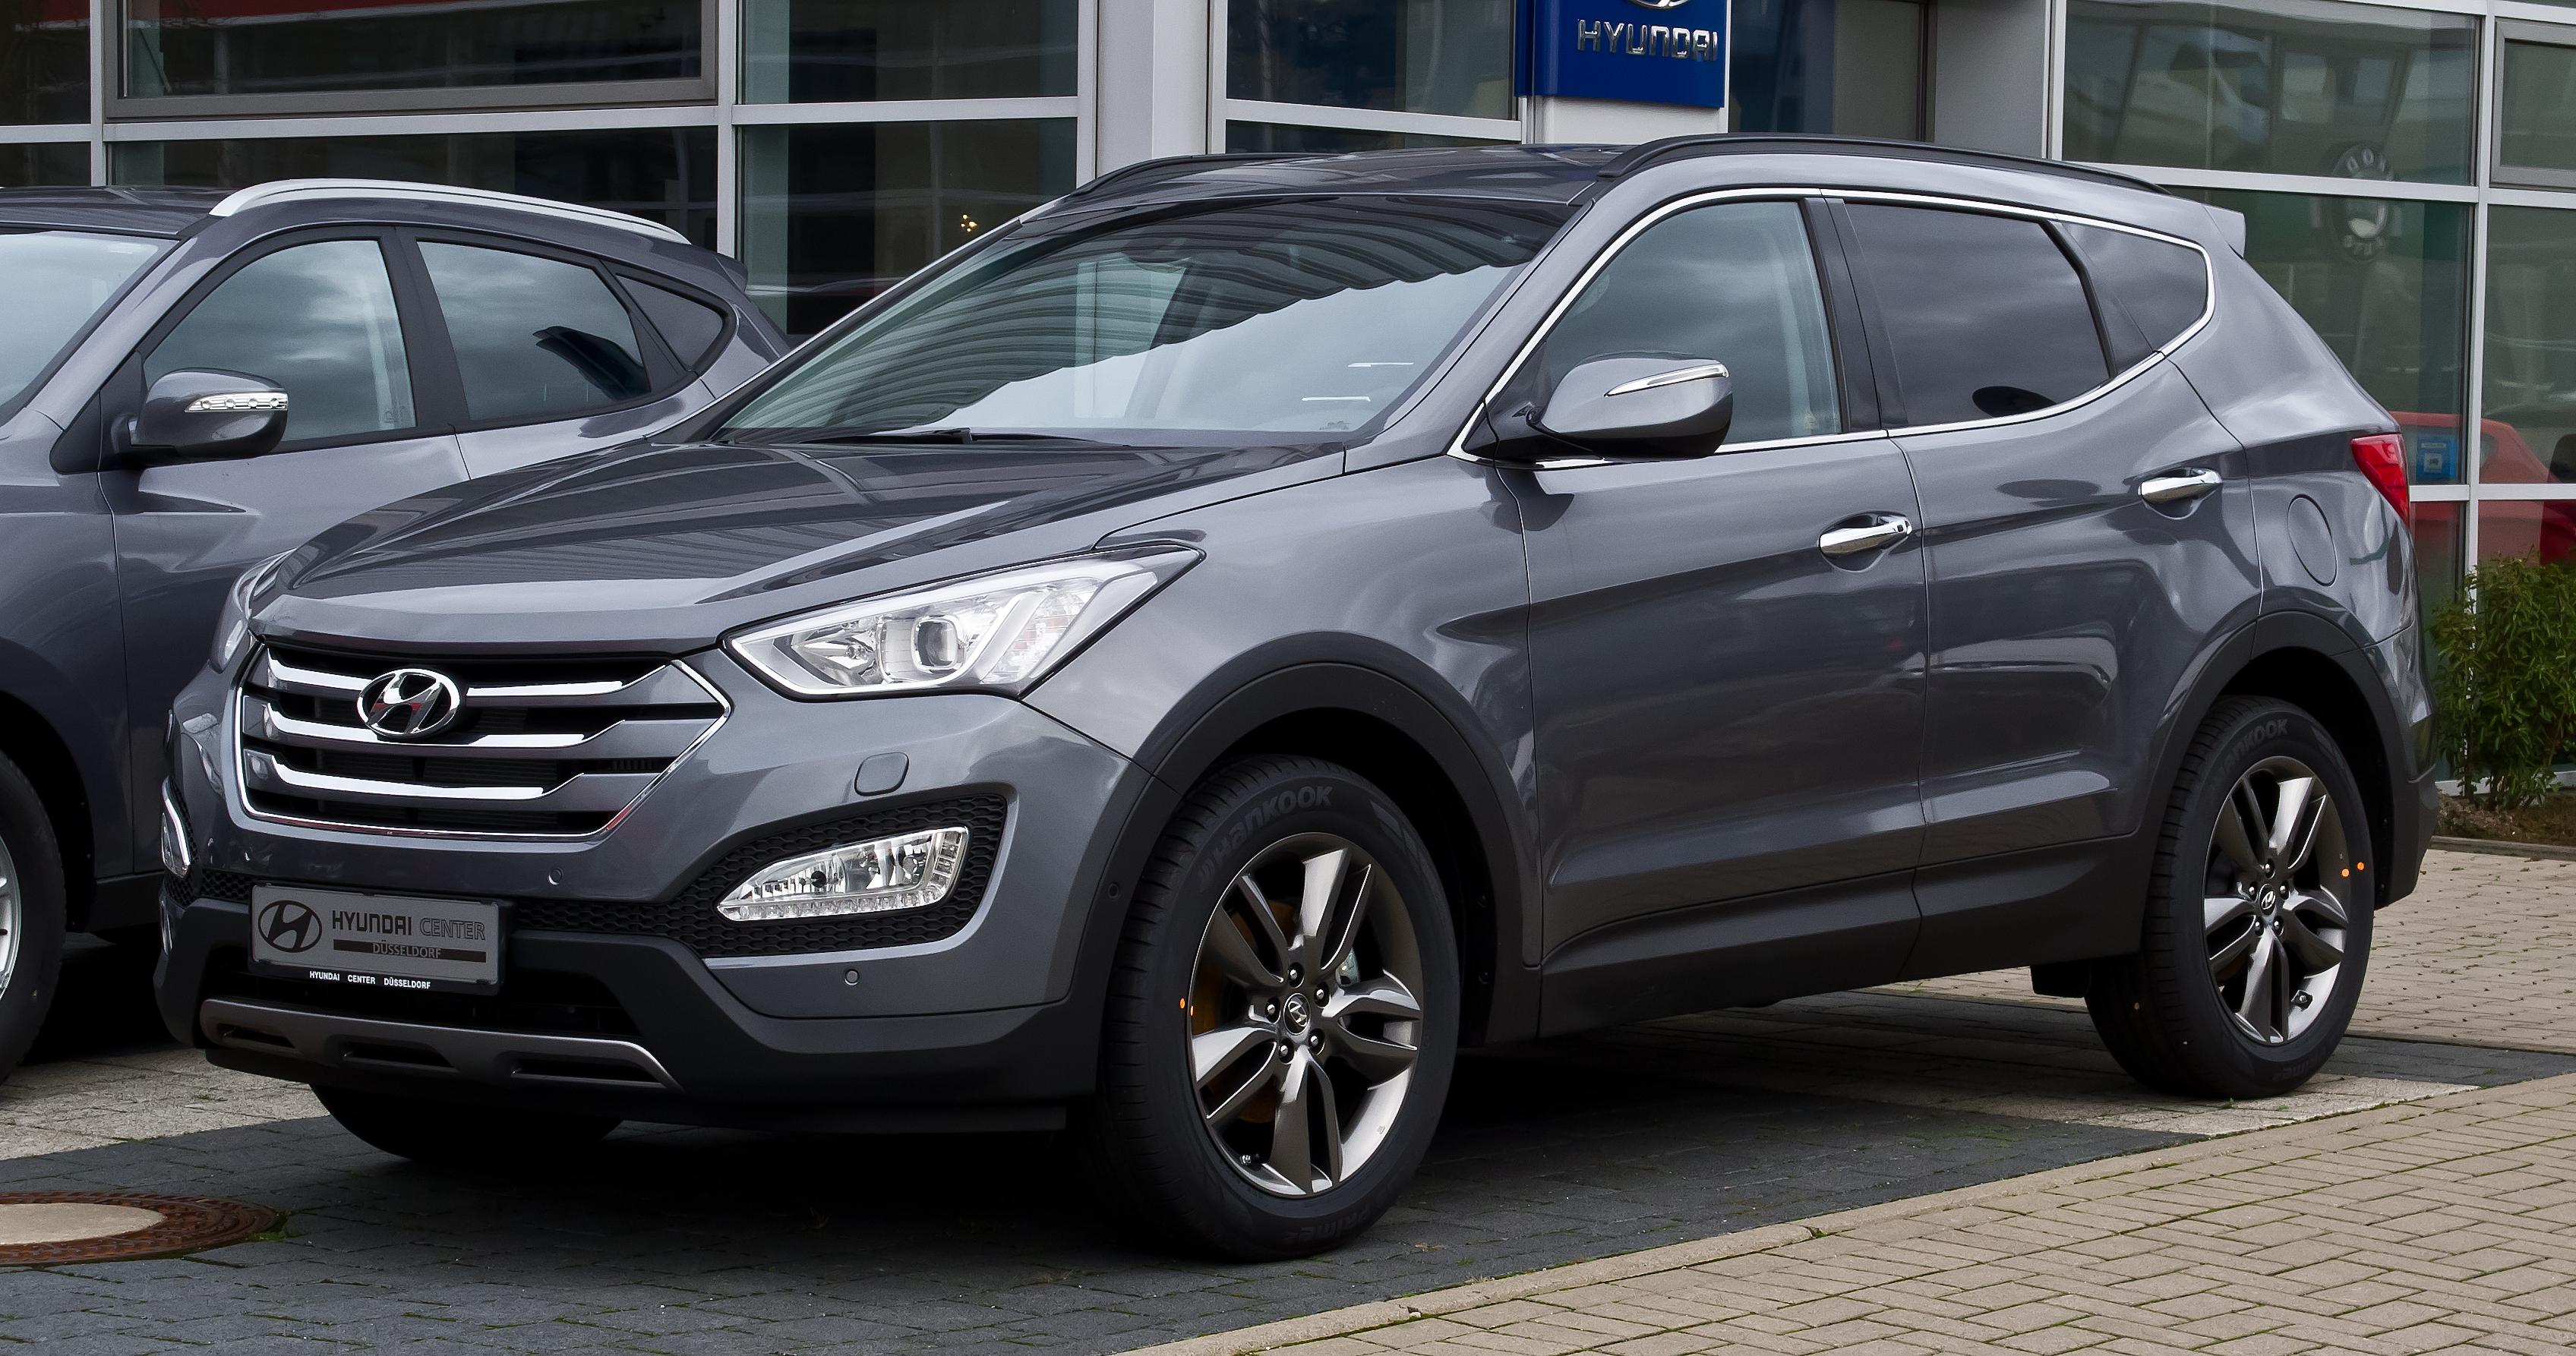 """Hyundai ix35 e """"Santa Fe"""": le novità del 2014 Kia Hyundai"""